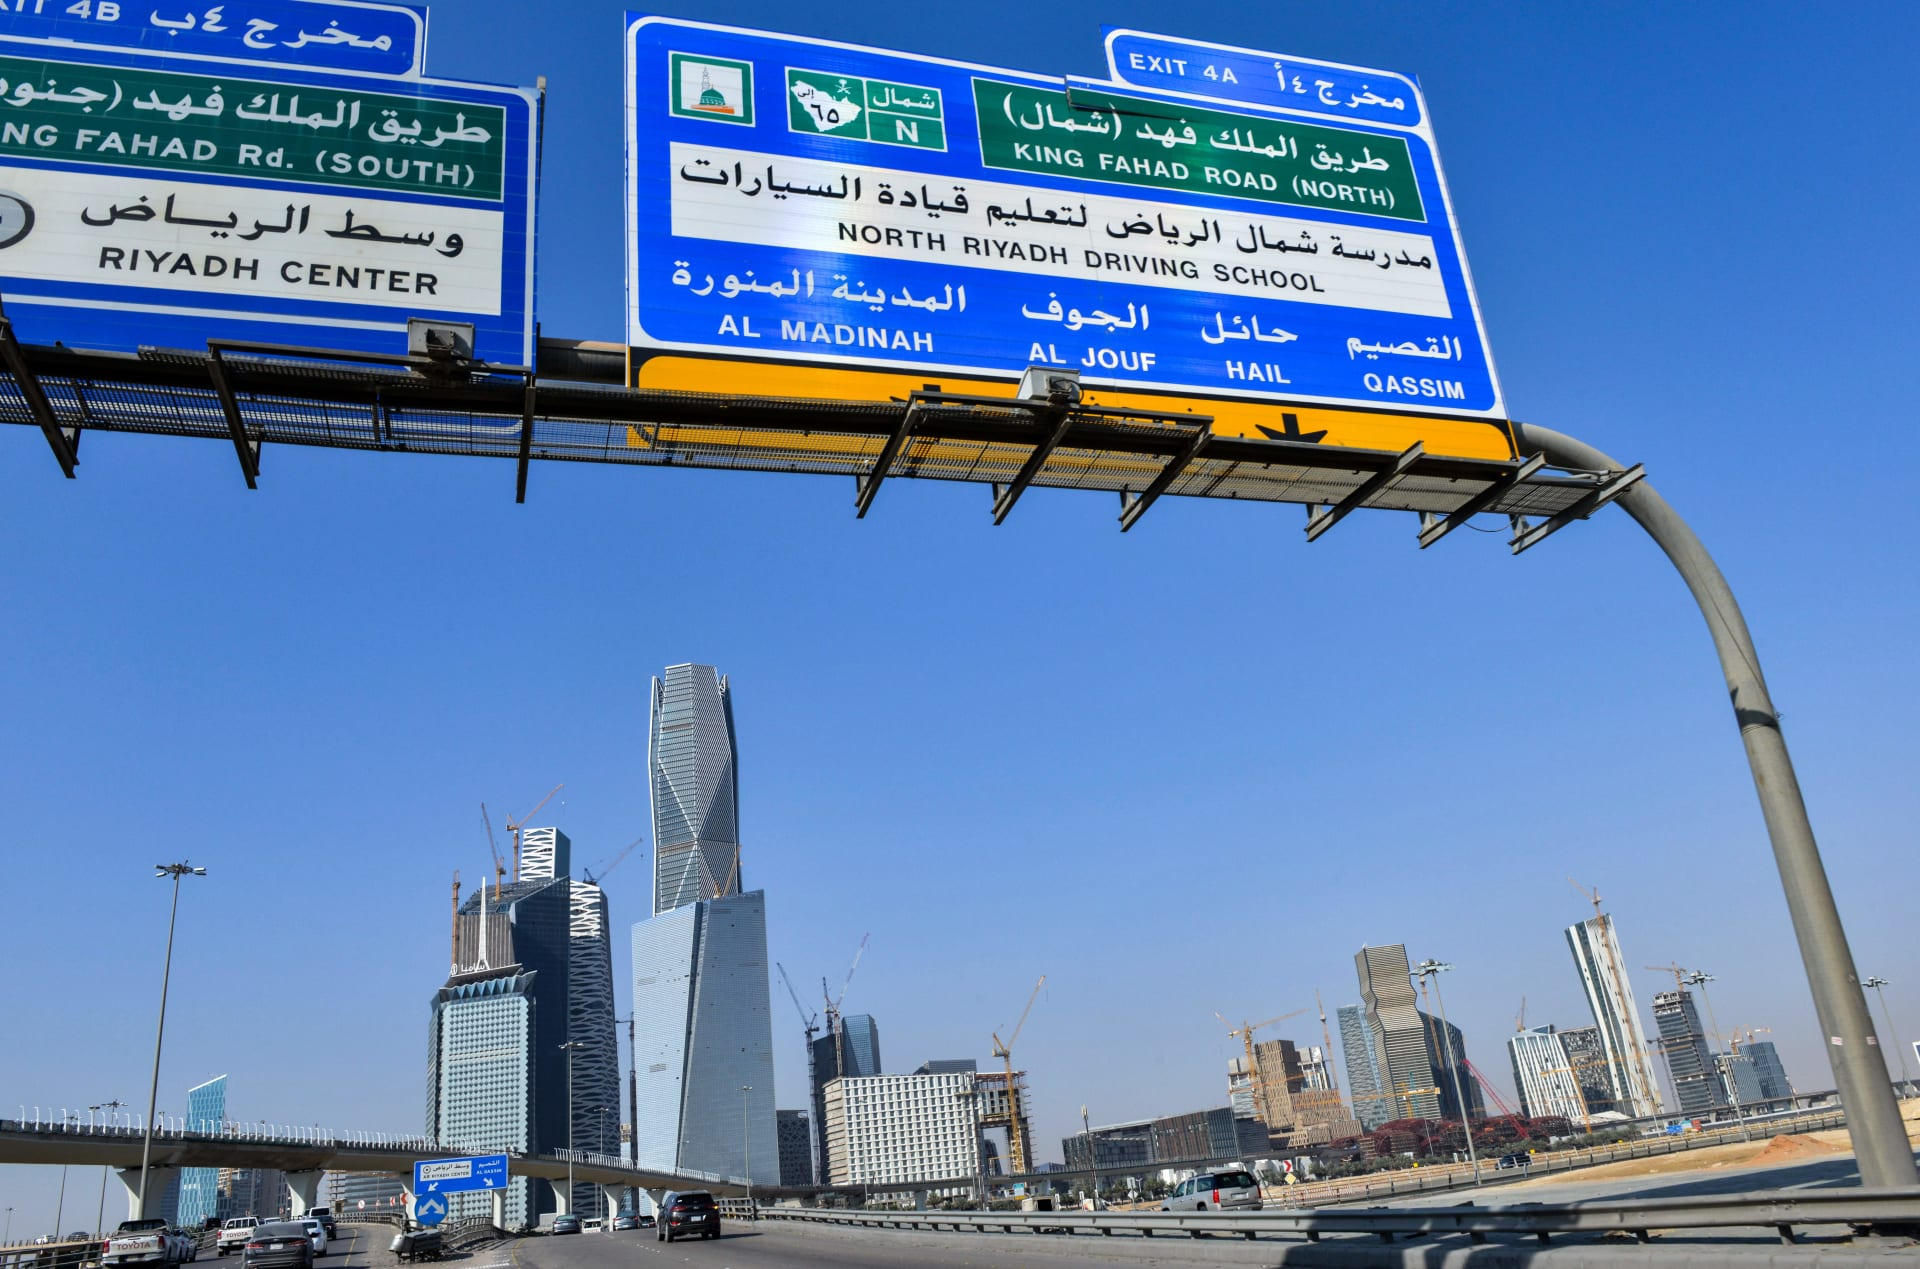 إعلامي سعودي يتمنى السماح ليهودي من نجران بالدخول إلى أراضي المملكة